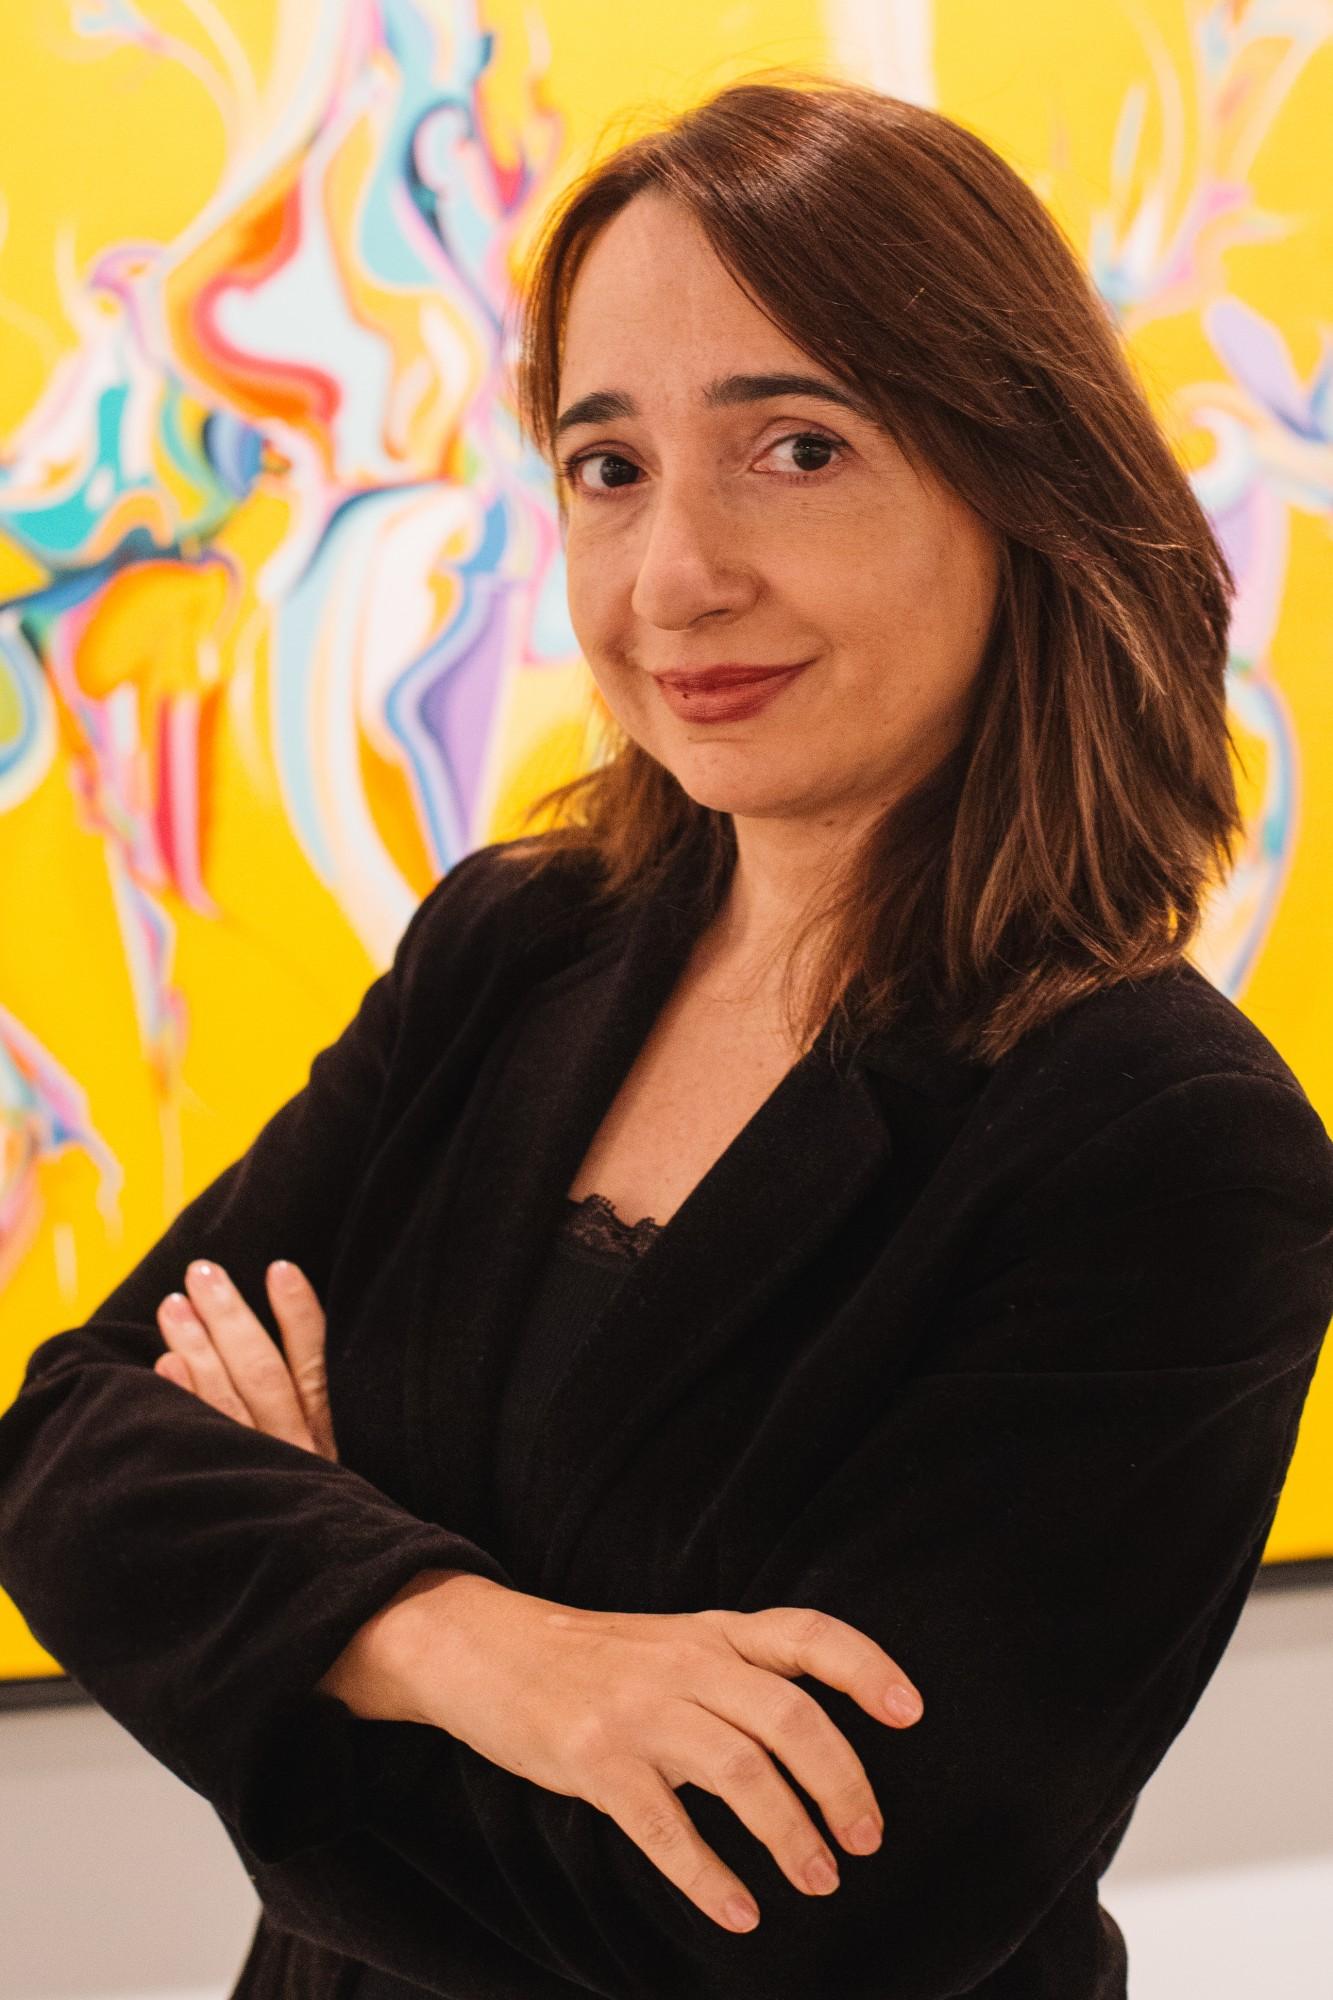 Assistant Professor, Patricia Galvão Ferreira